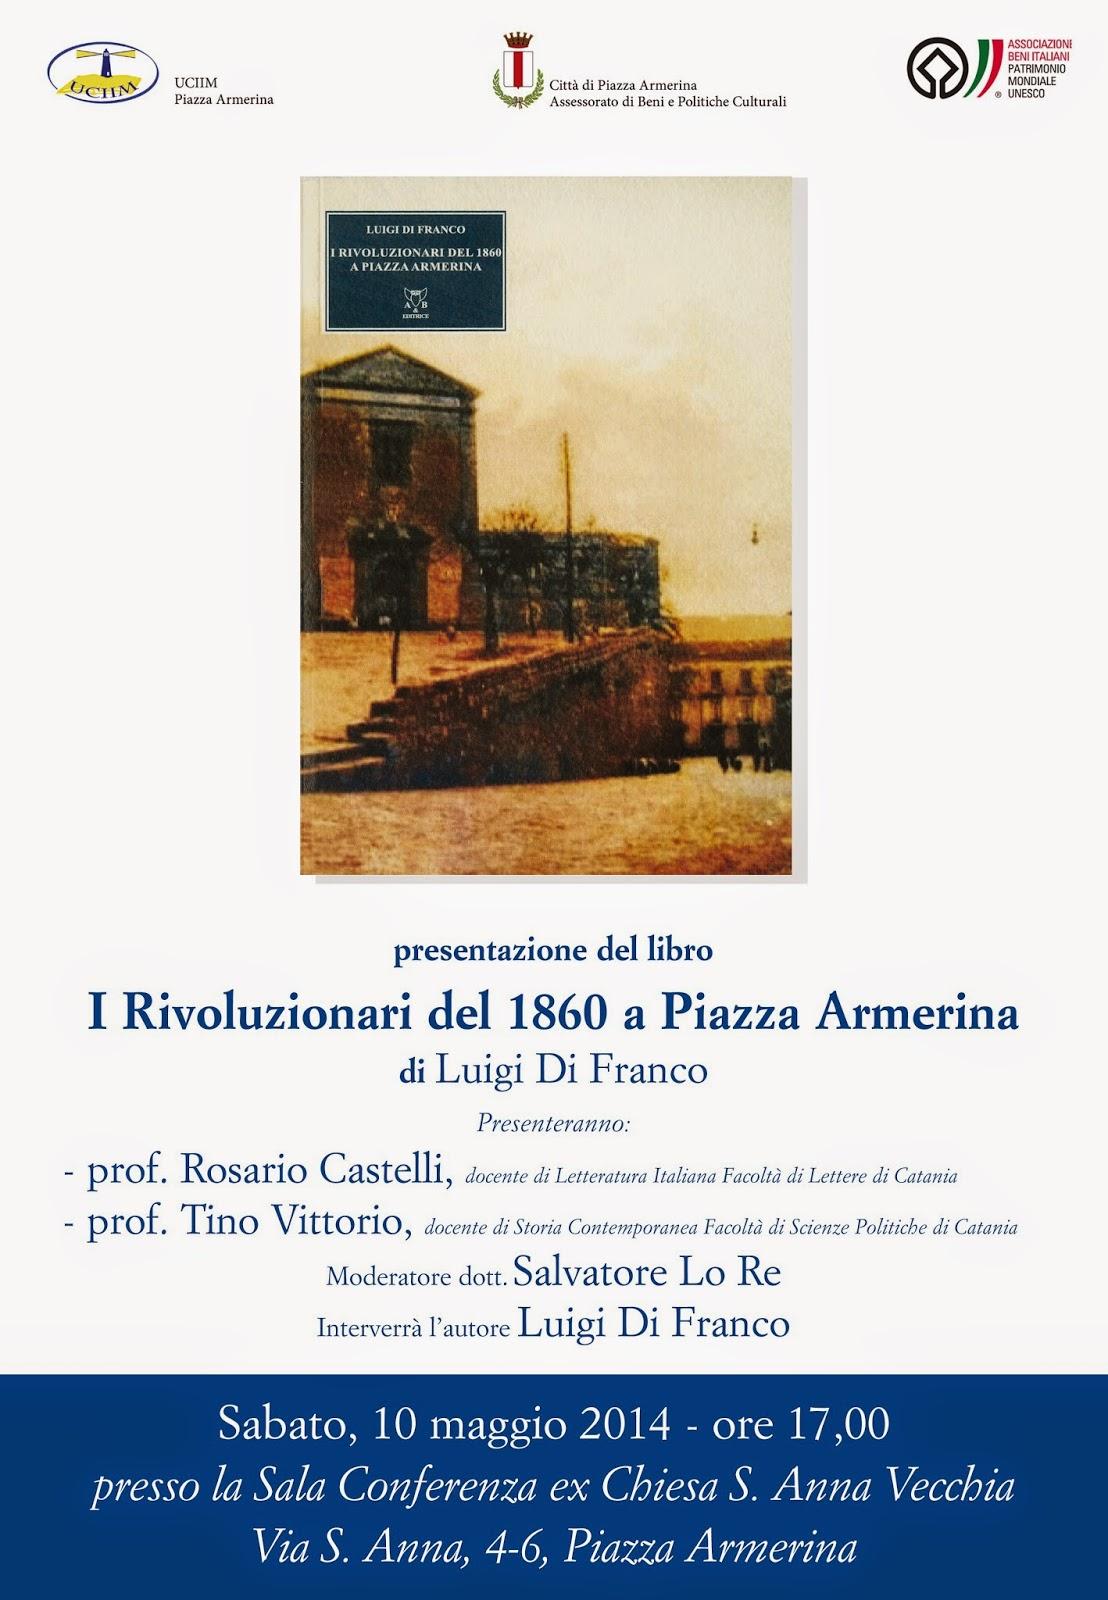 I Rivoluzionari del 1860 a Piazza Armerina (EN)